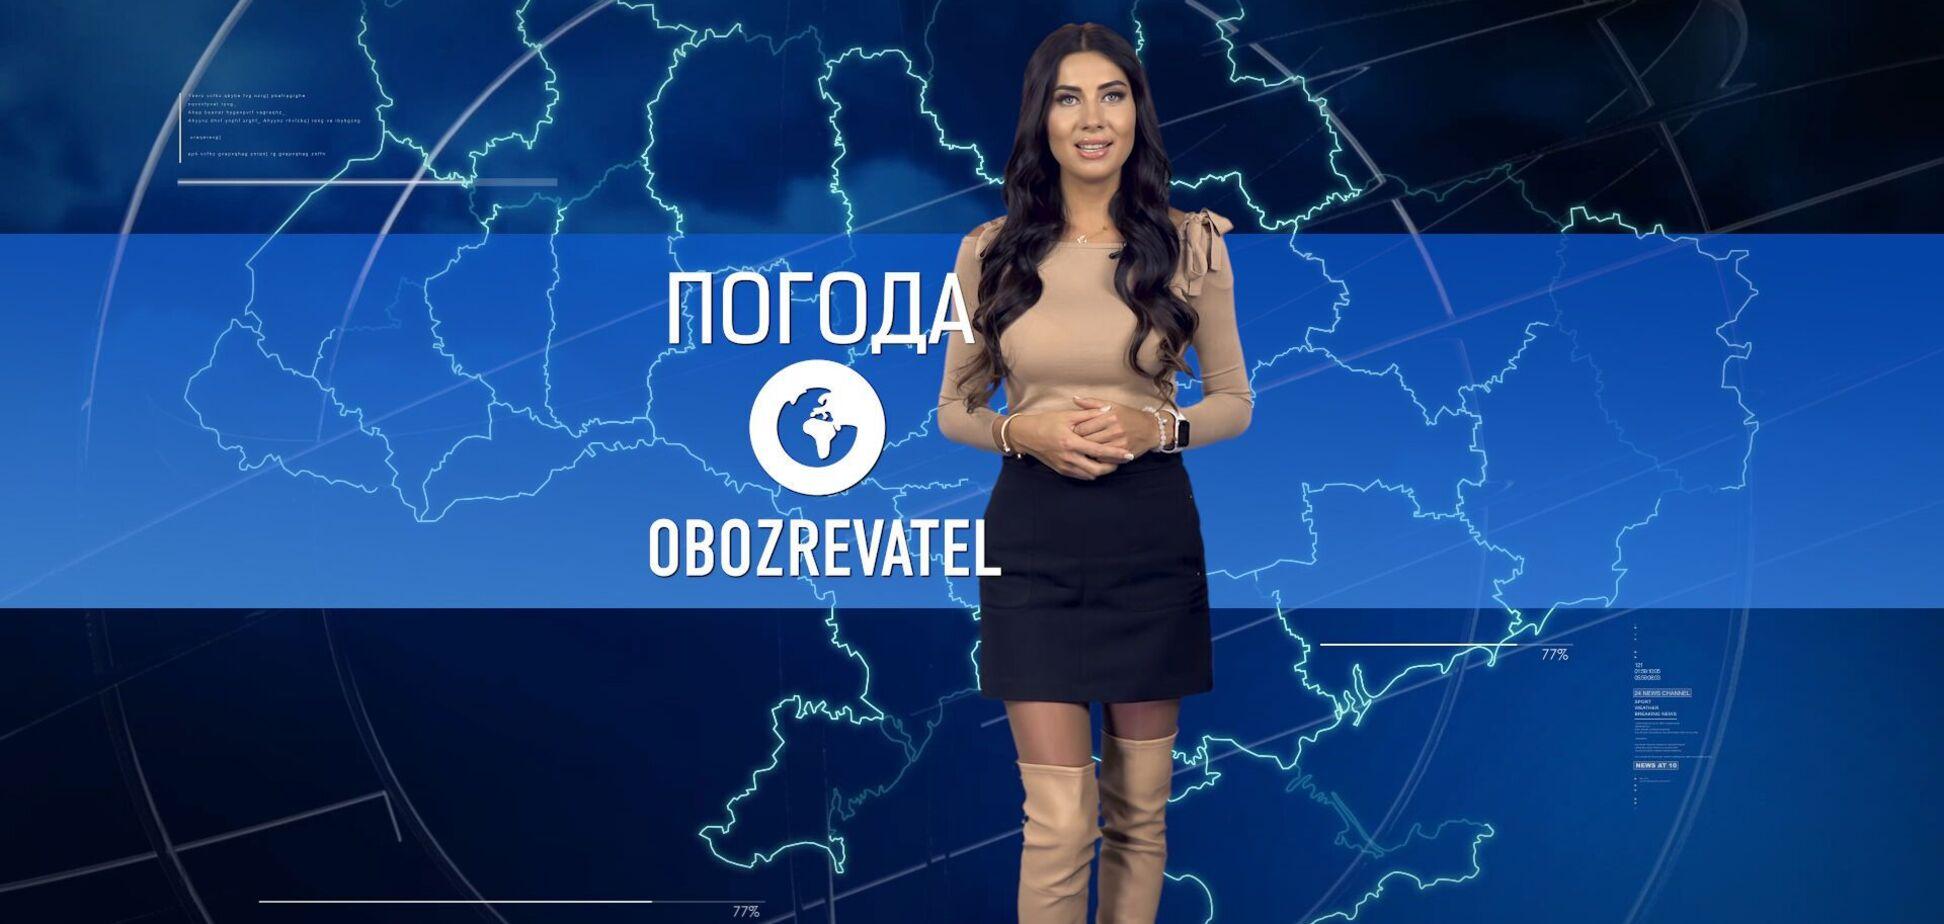 Прогноз погоди в Україні на п'ятницю 1 січня, з Алісою Мярковською